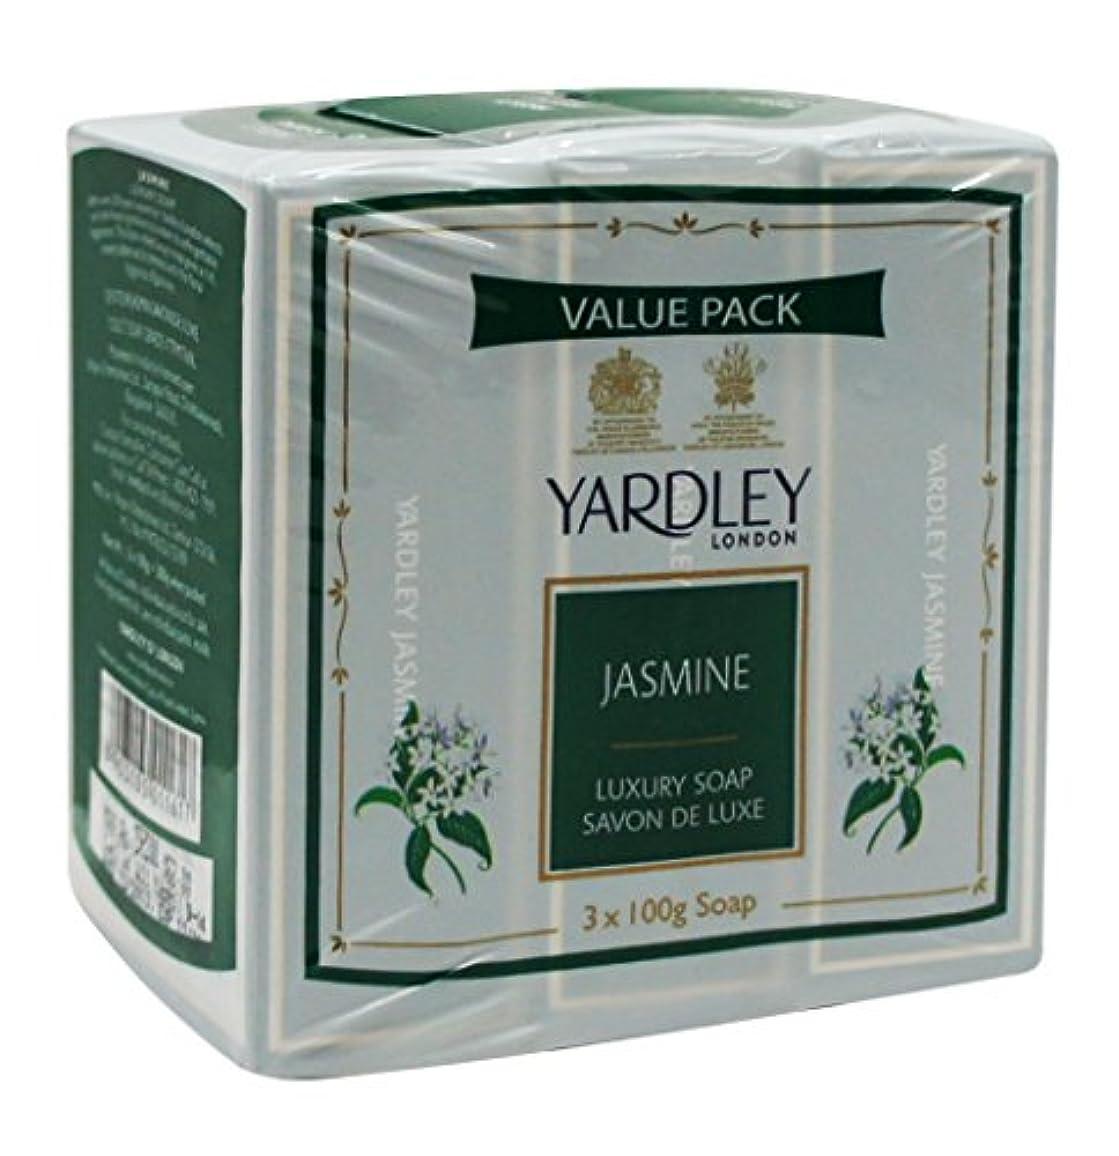 参照霧主張するYardley London Value Pack Luxury Soap 3x100g Jasmine by Yardley